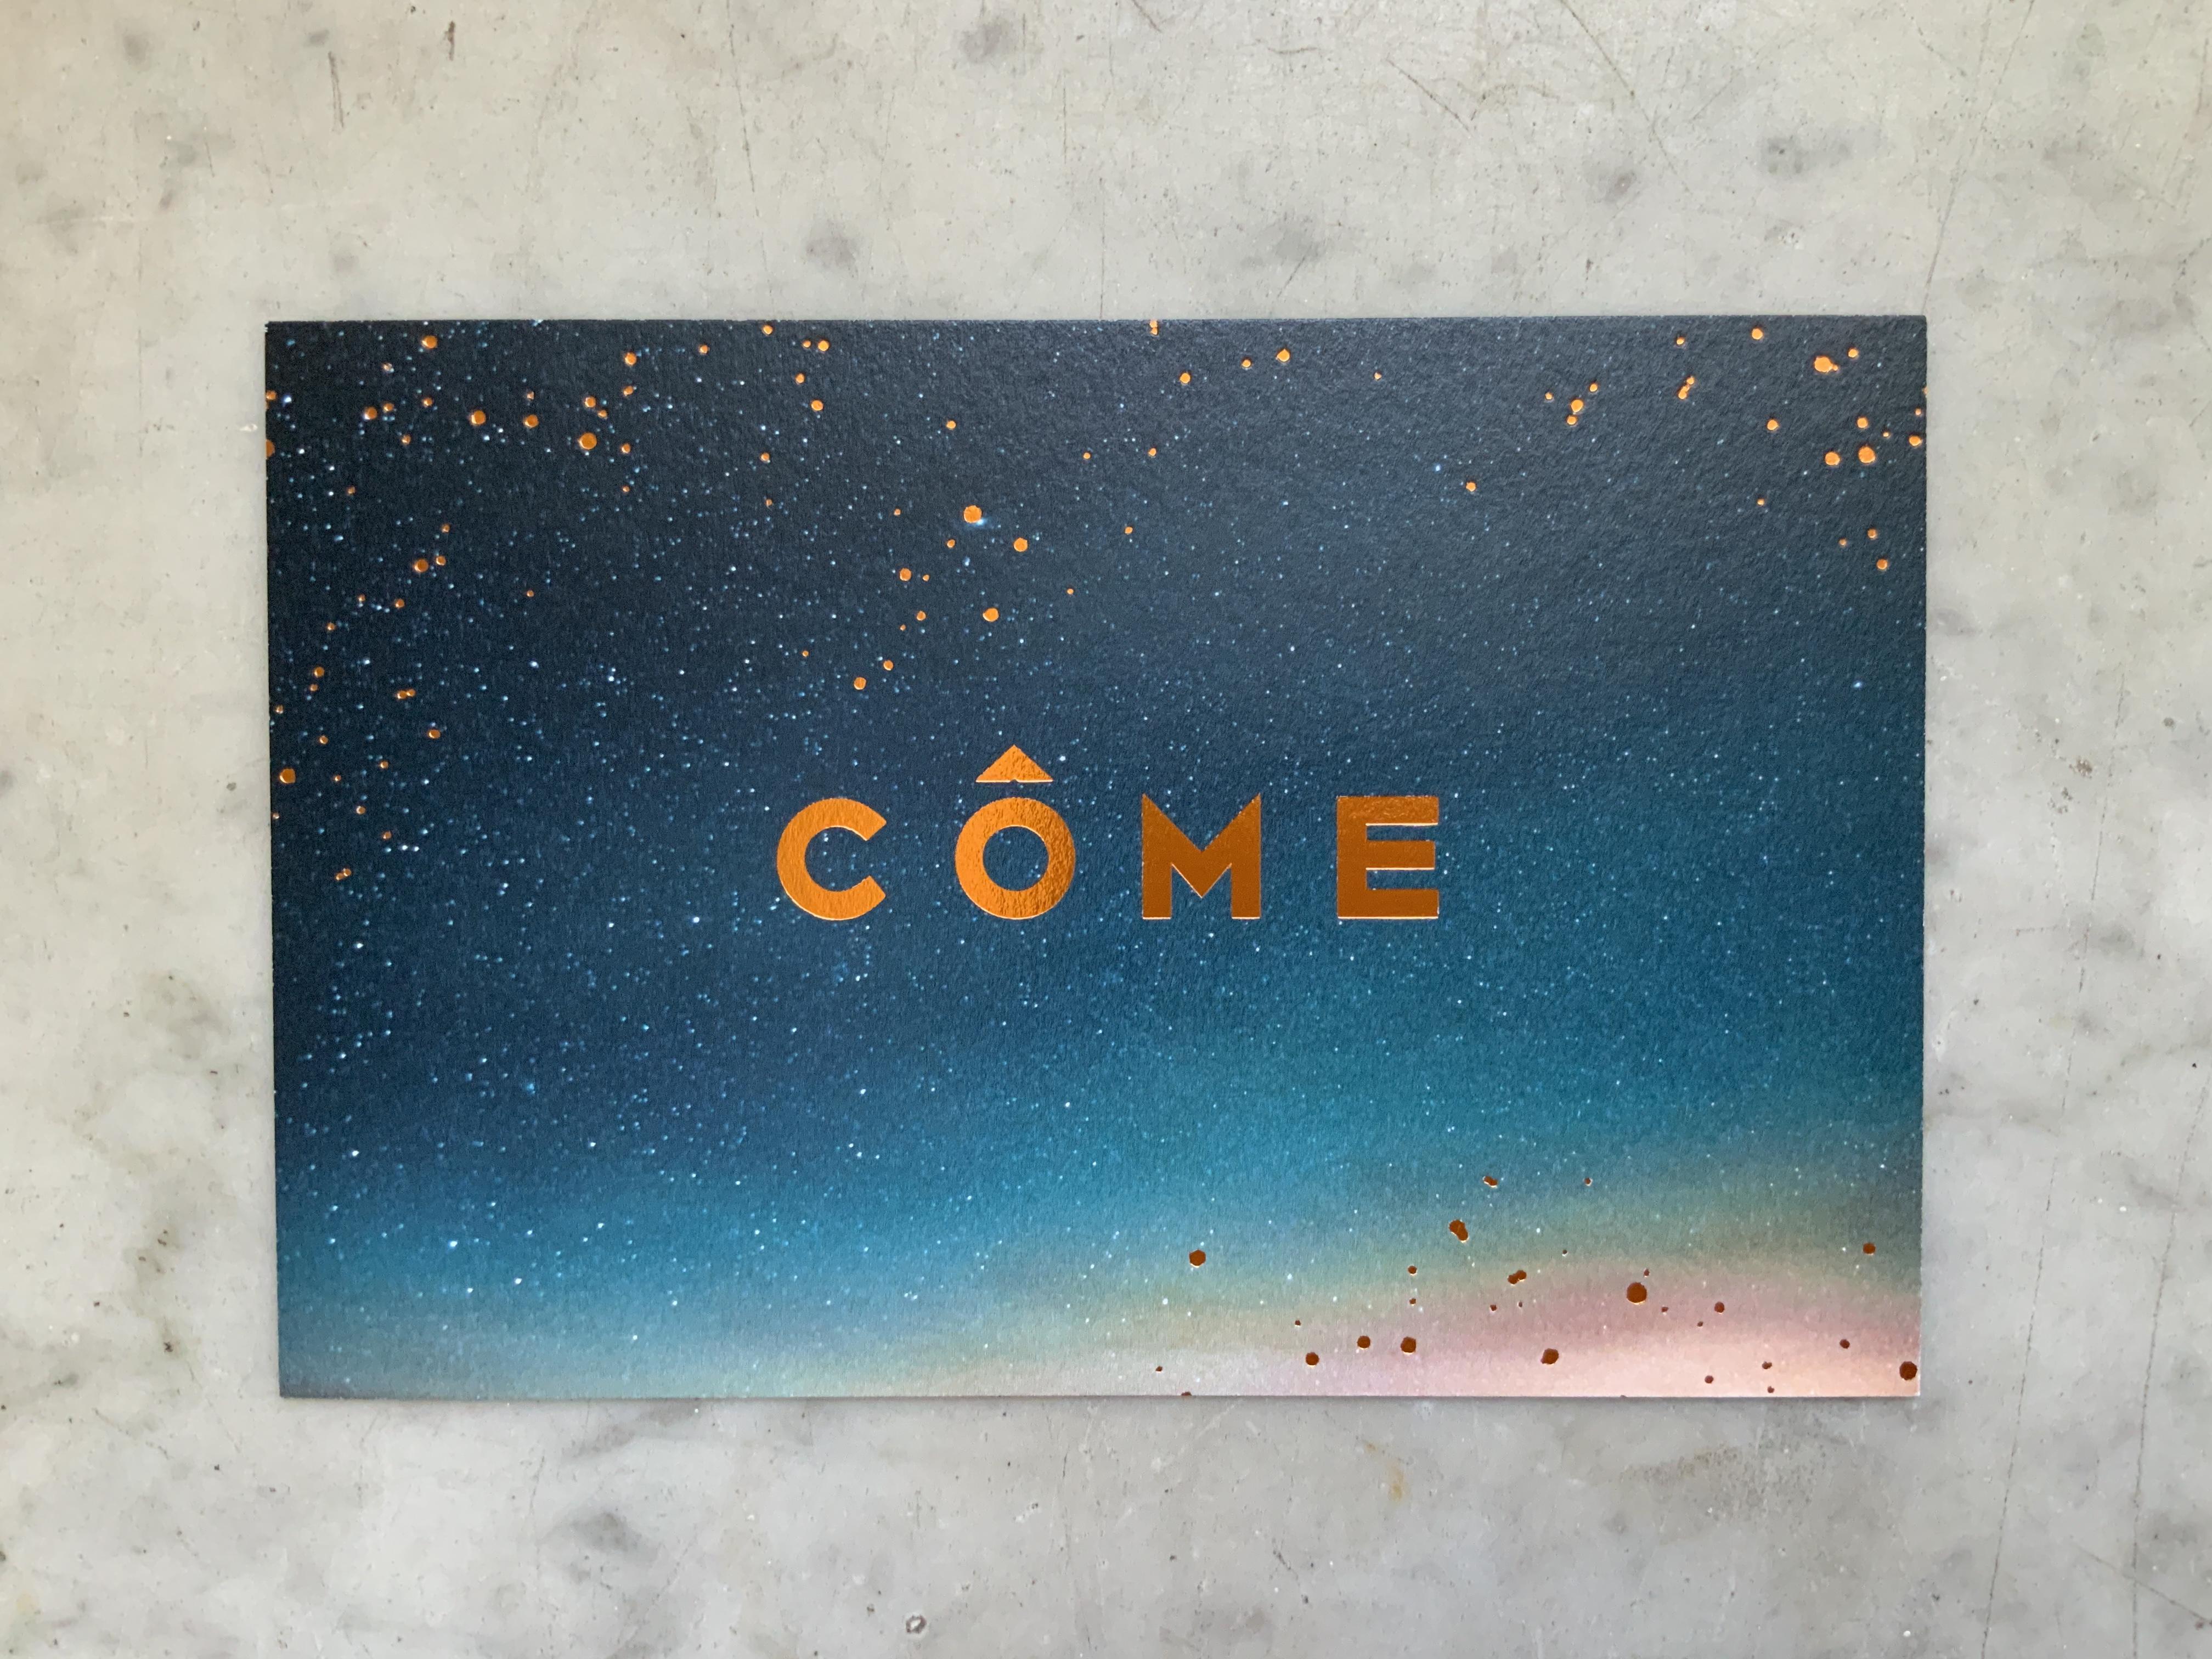 Geboortekaartje Letterpress koperfolie, Côme, sterren, blauwe achtergrond, minimalistisch, doopsuiker Studio Blanche